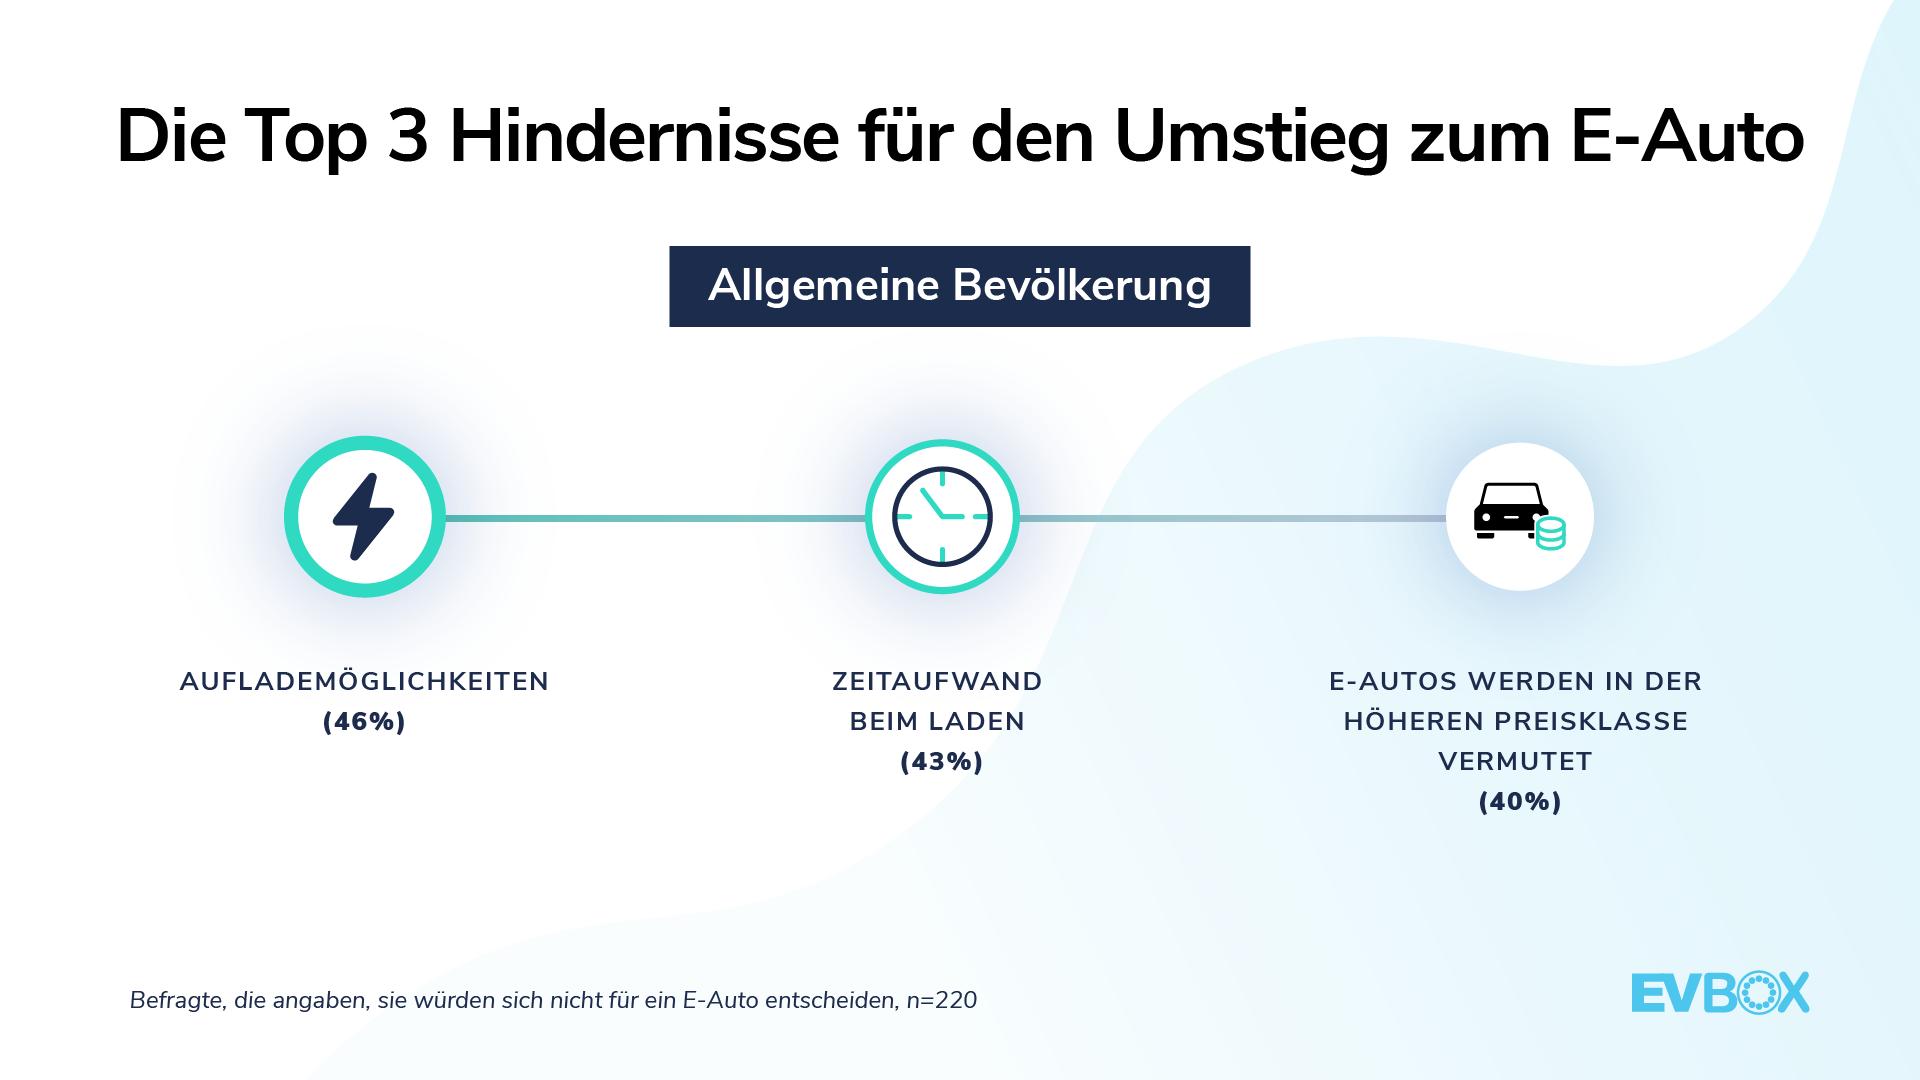 EVBox Mobility Monitor: Top 3 Haupthindernisse für den Umstieg zum E-Auto